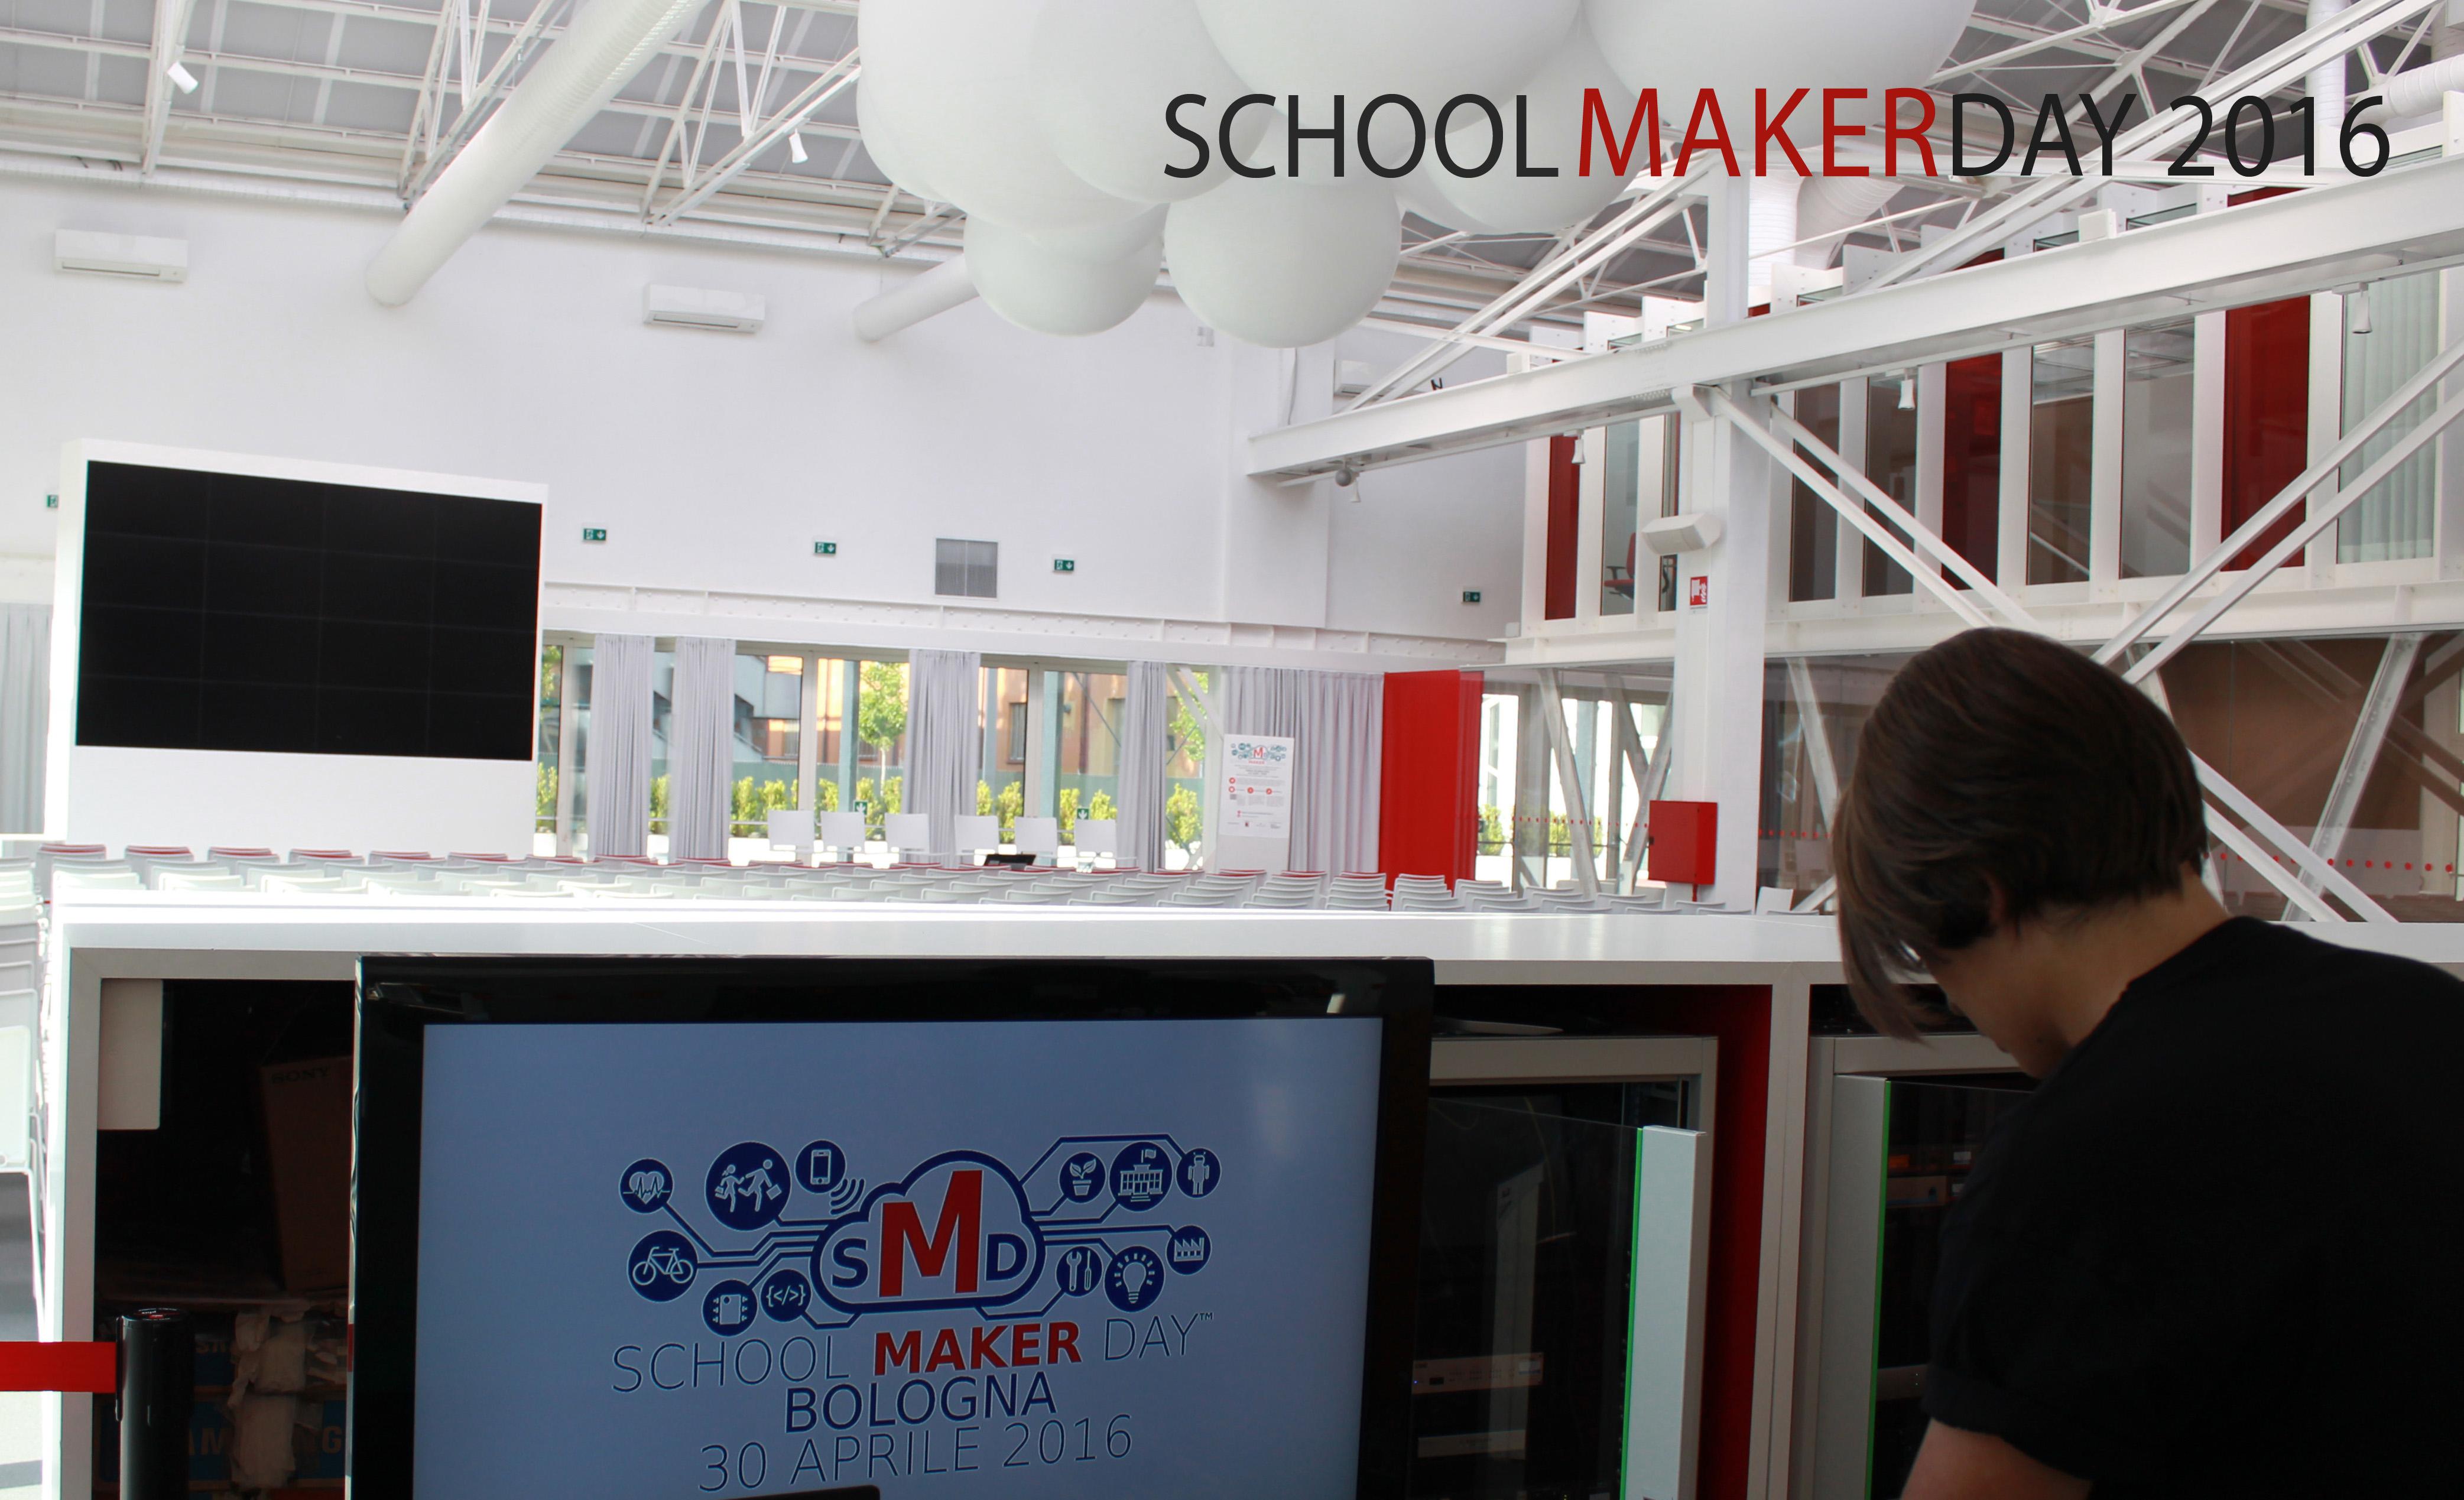 School Maker Day 2016